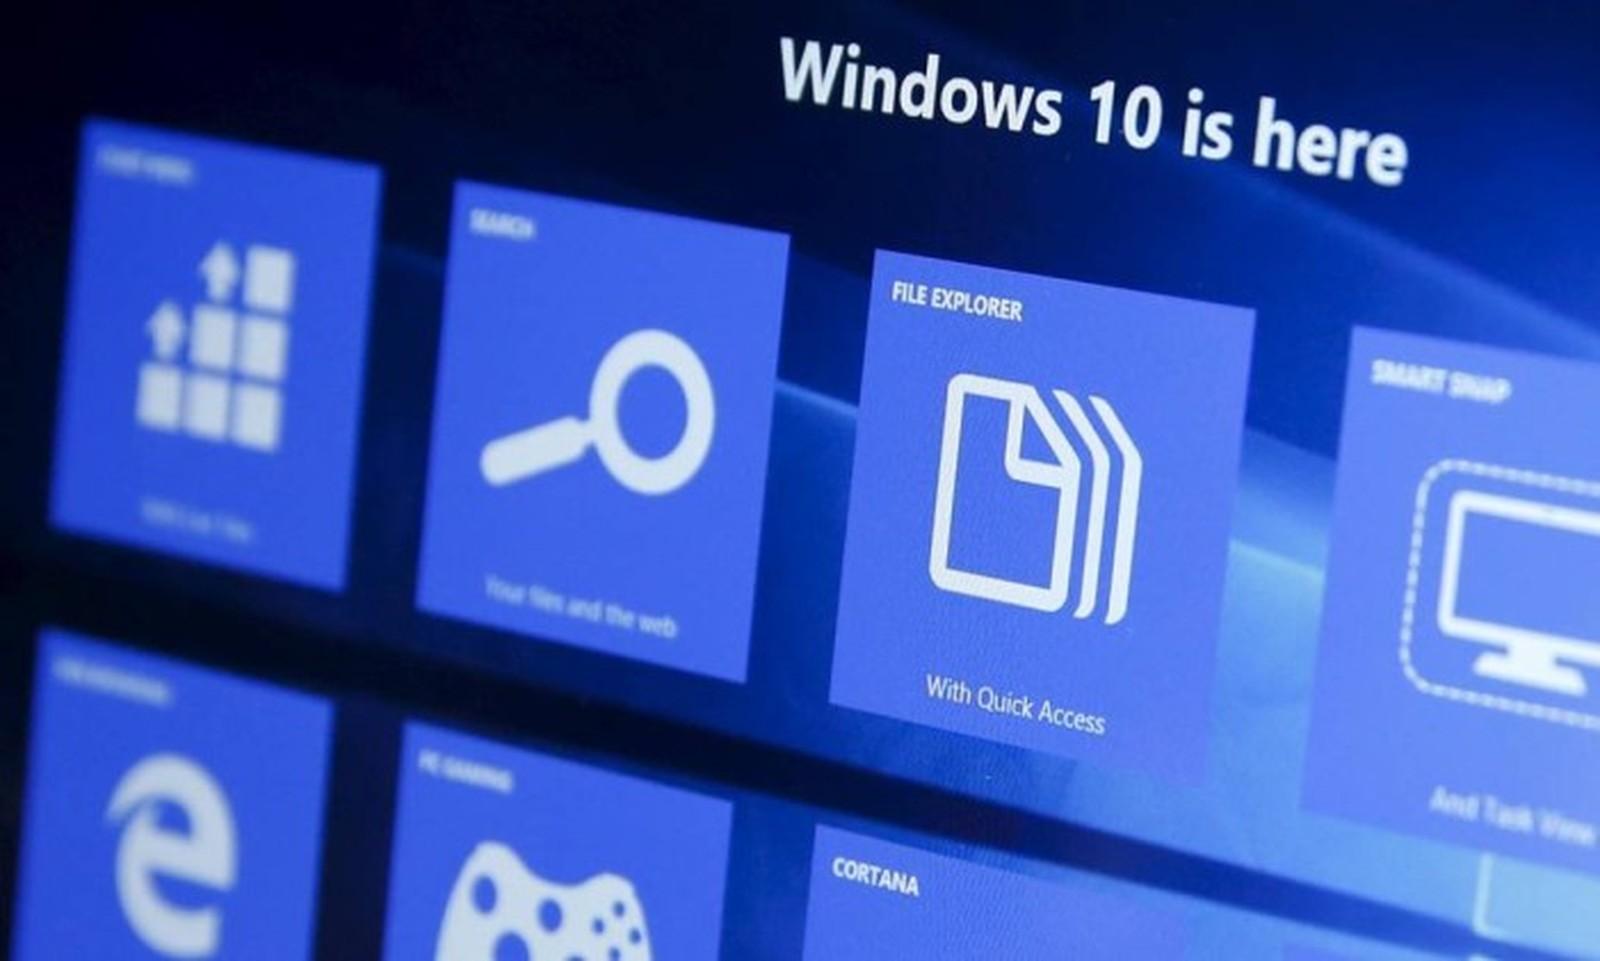 Como identificar o erro que provoca a 'Tela da Morte' no Windows? - Notícias - Plantão Diário